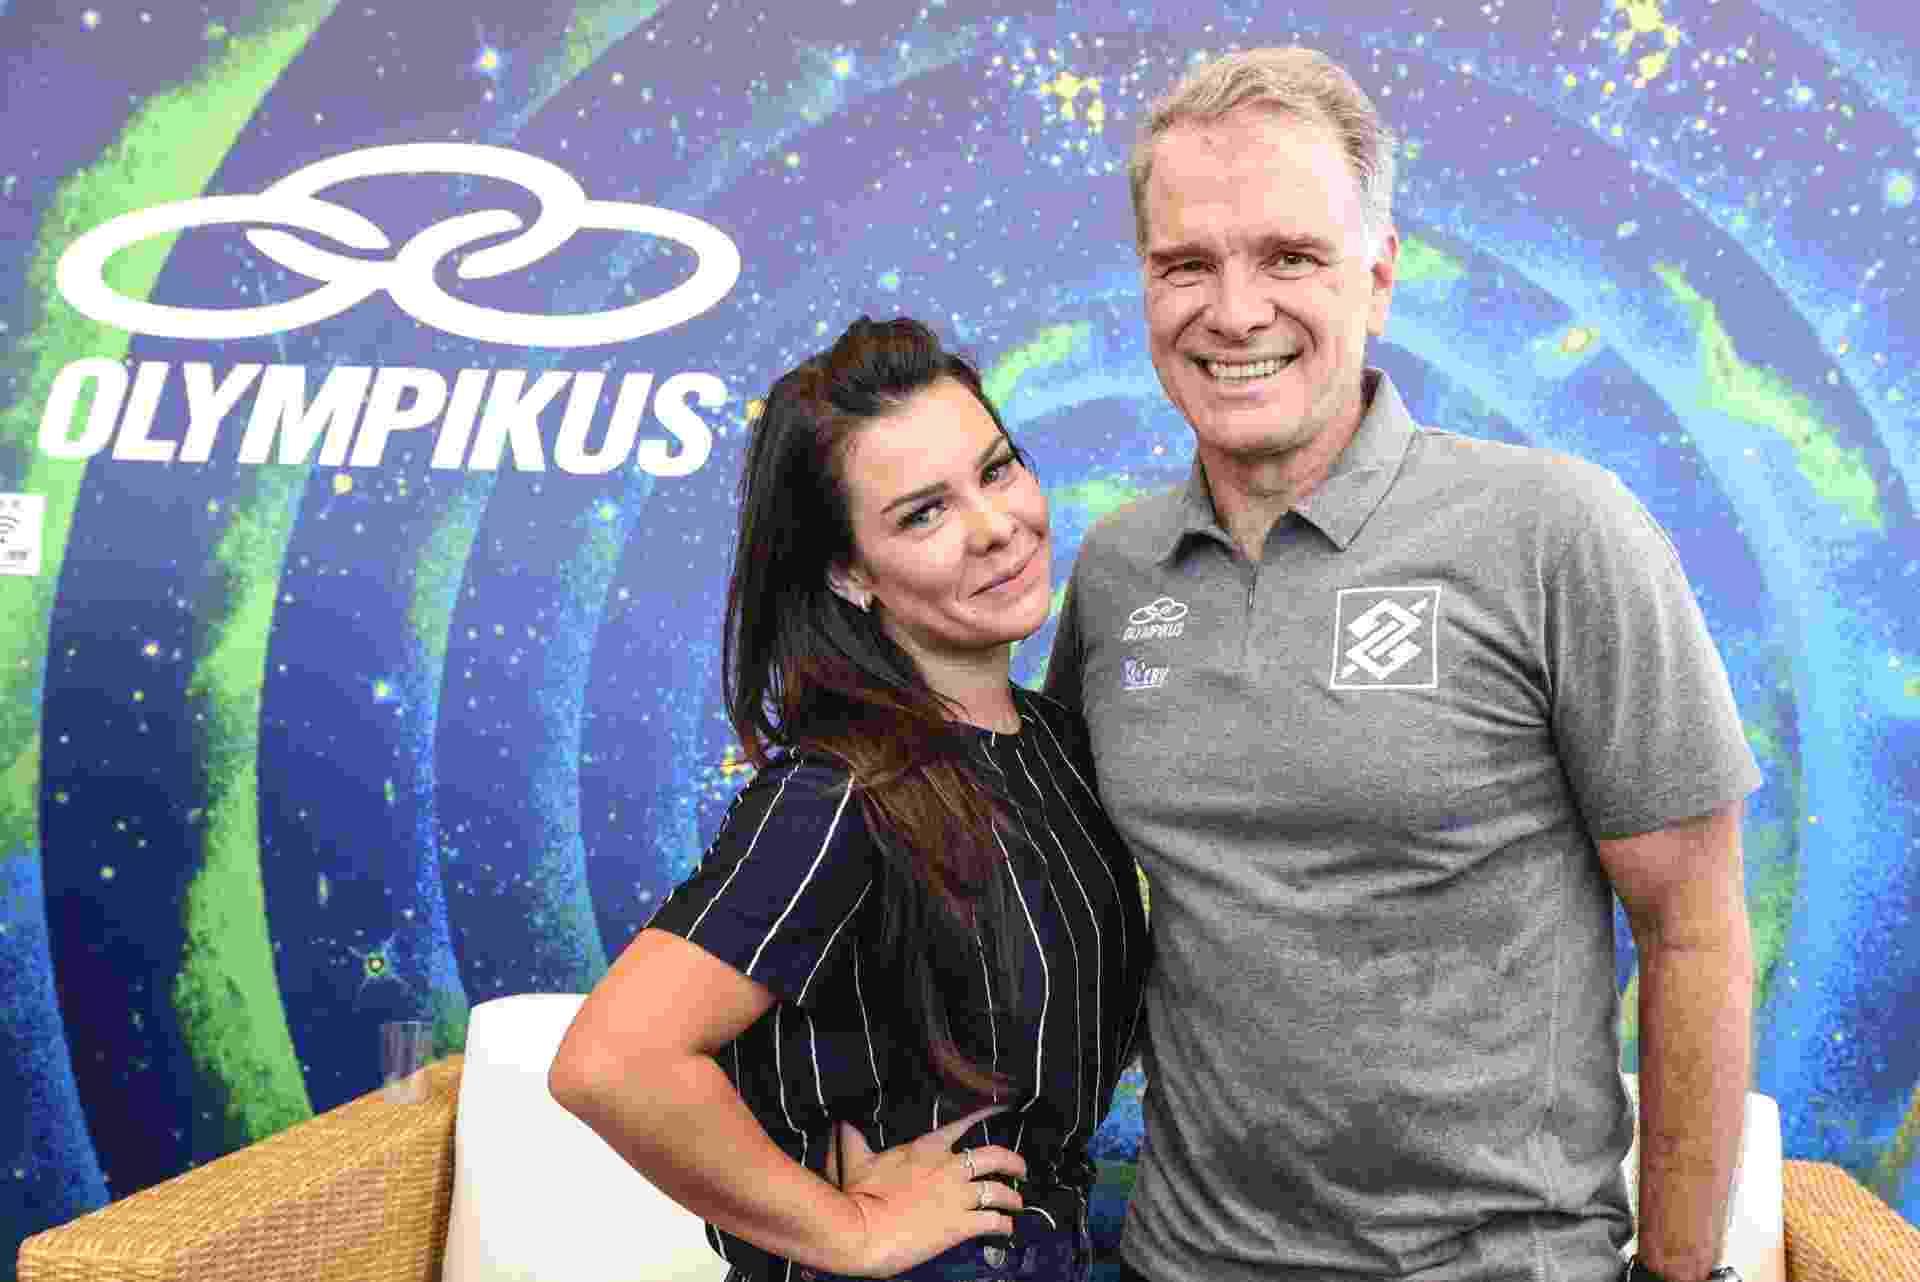 Fernanda Souza e Bernardinho - Olympikus/Divulgação